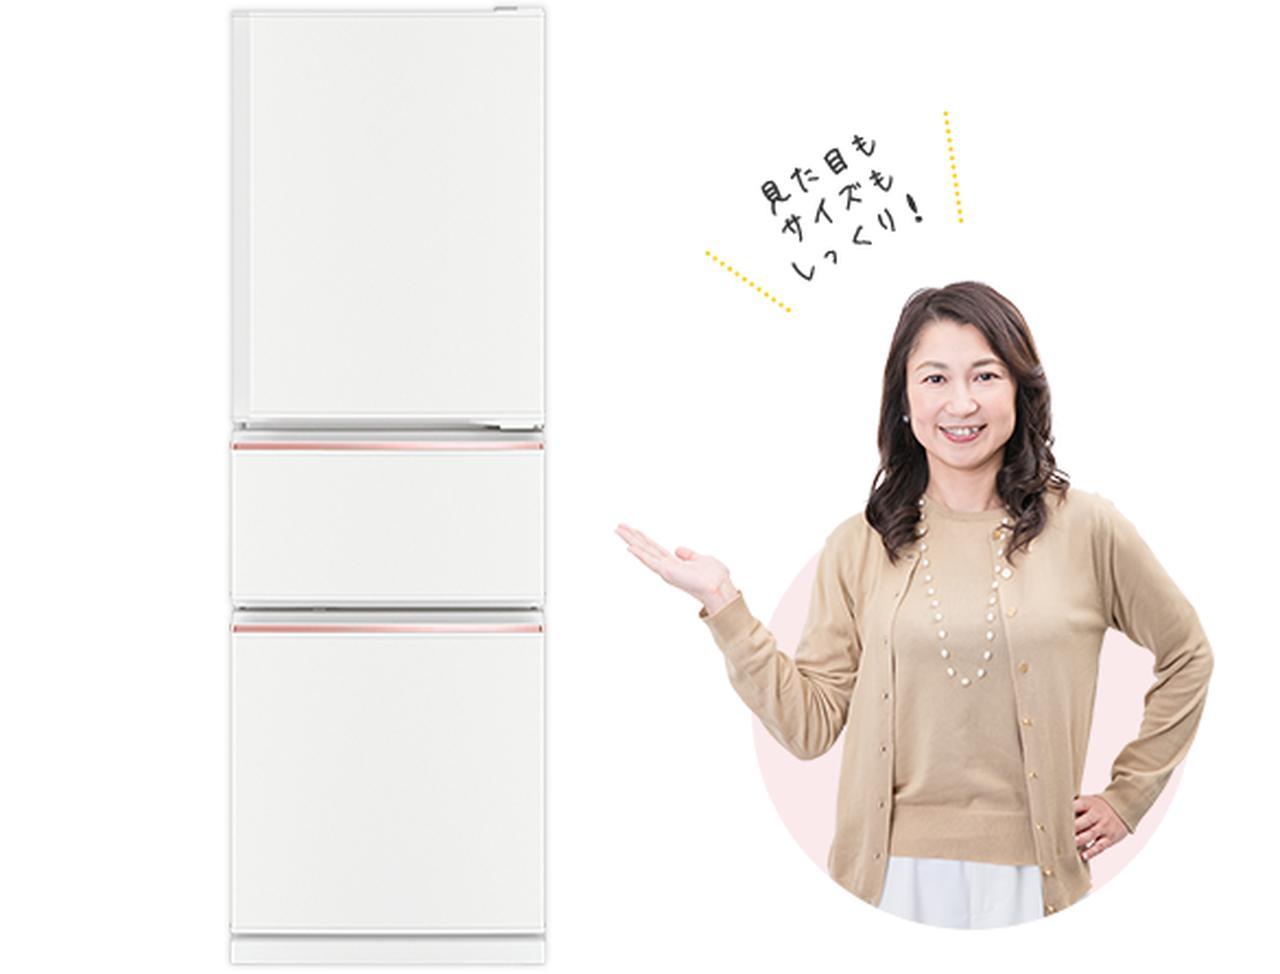 画像: 容量は「やや大きめ」の272リットル。ひとり暮らしの部屋にもなじむサイズをキープしながらも、週末のまとめ買いにもしっかり対応。上から下まで手が届きやすい高さ設計で、庫内もラクに見渡せる。 www.mitsubishielectric.co.jp